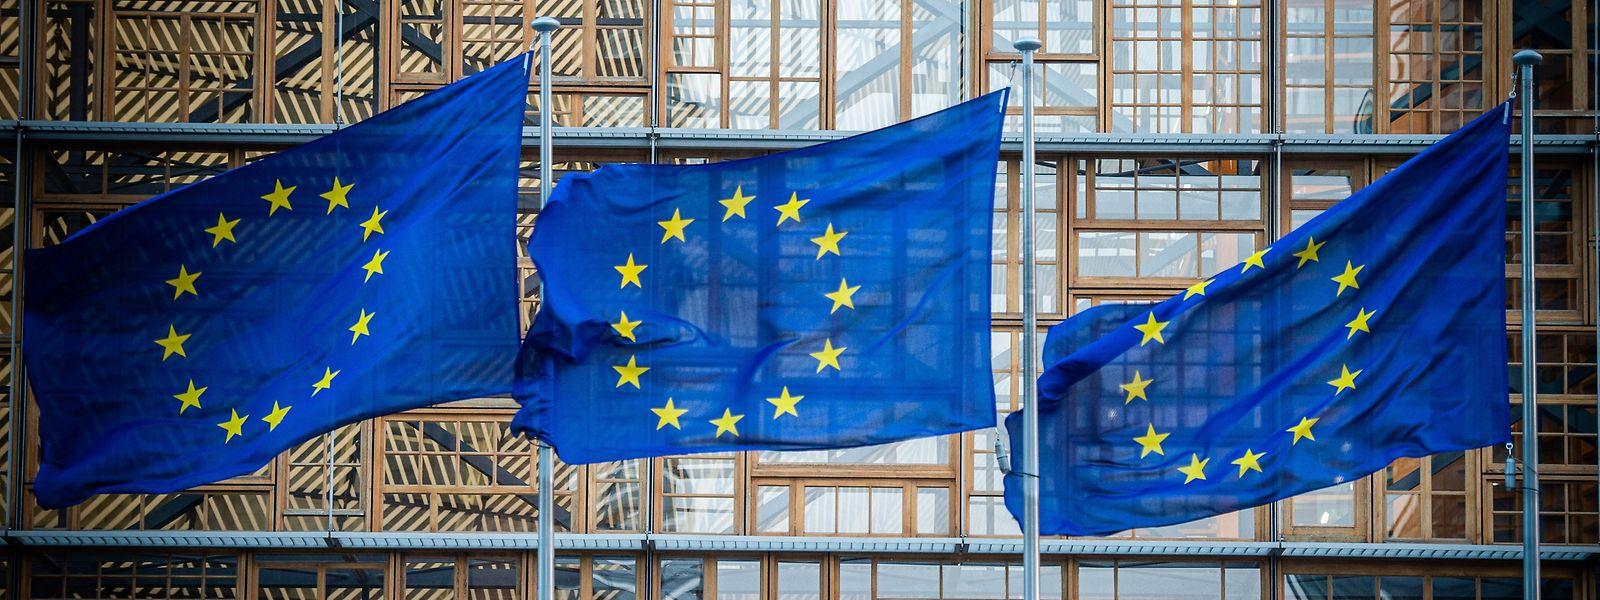 Im Europaparlament gab es eine Reihe von bisher noch unaufgeklärten Einbrüchen.